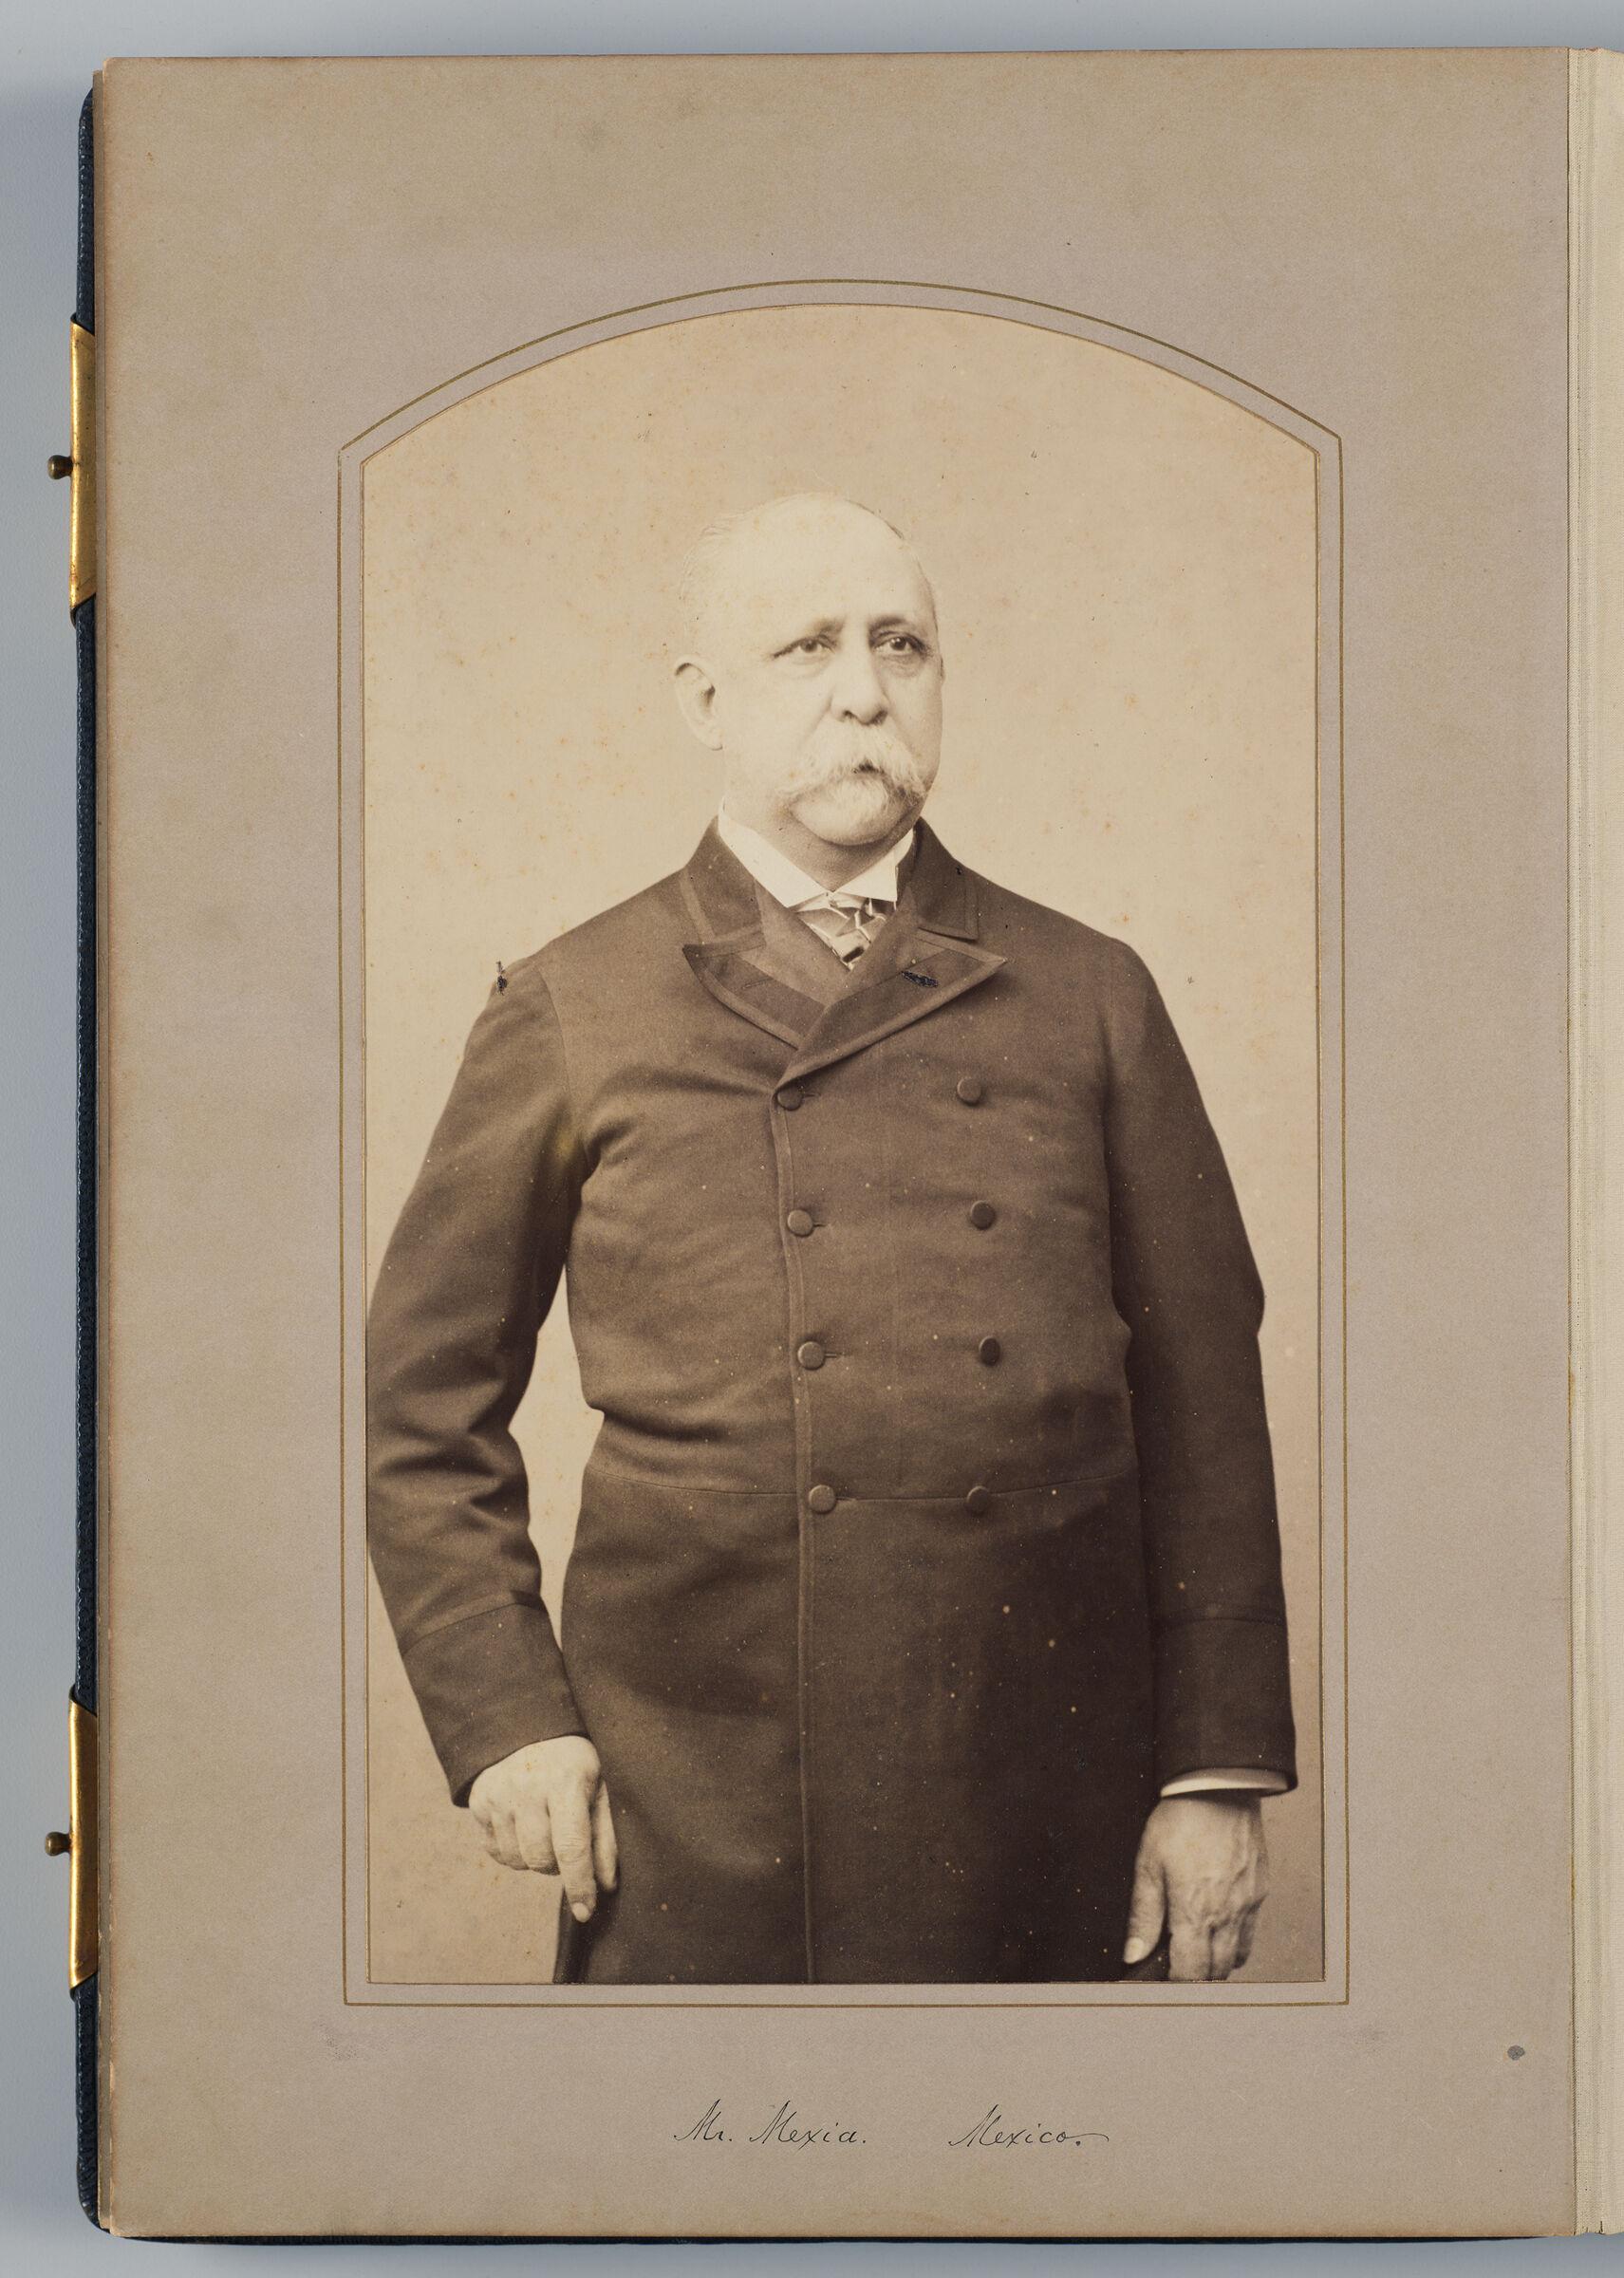 Gral Enrique A. Mexia (Mexican Delegate)